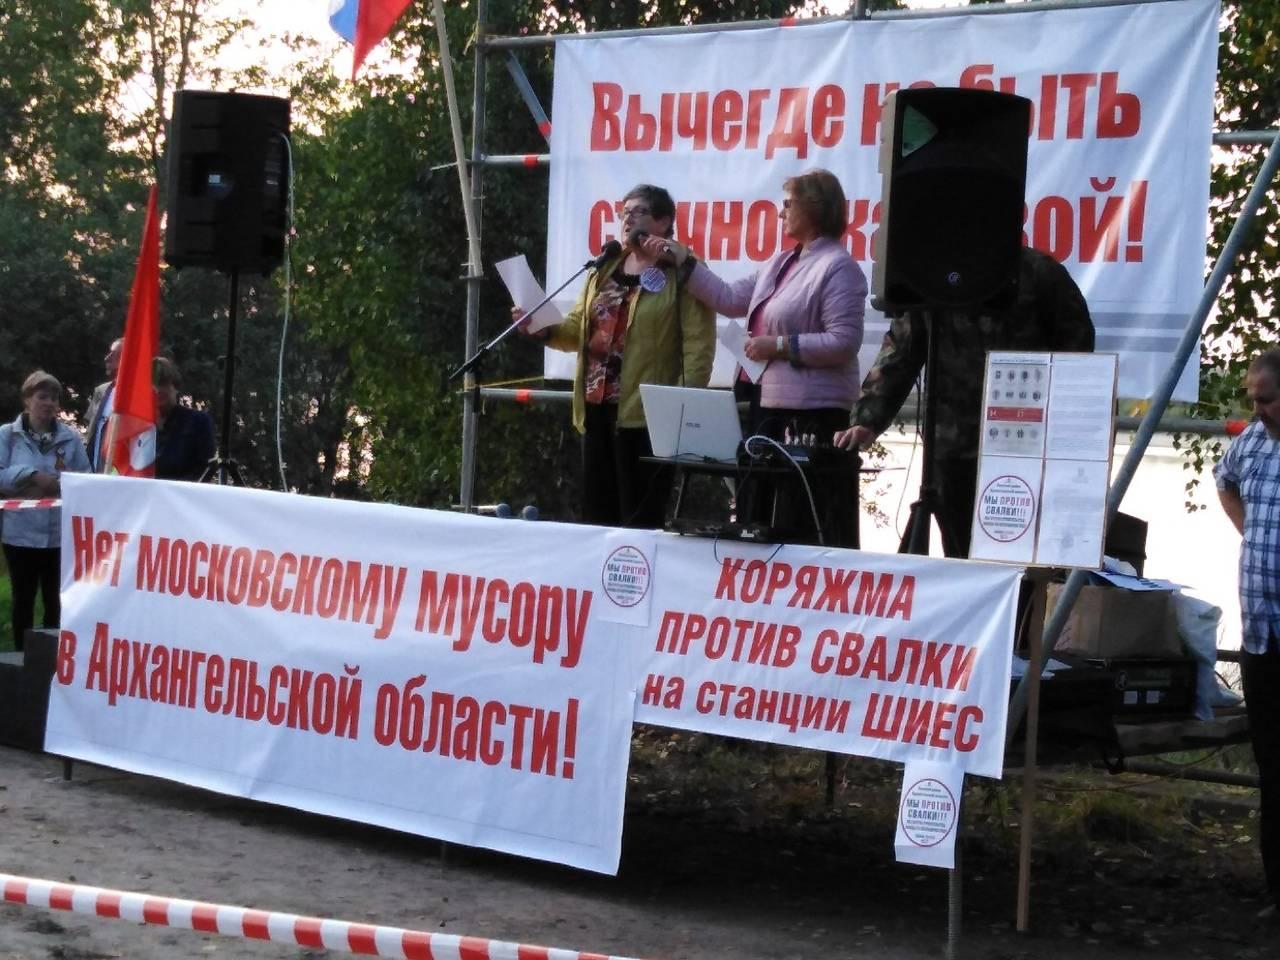 митинг в Коряжме против ввоза московского мусора